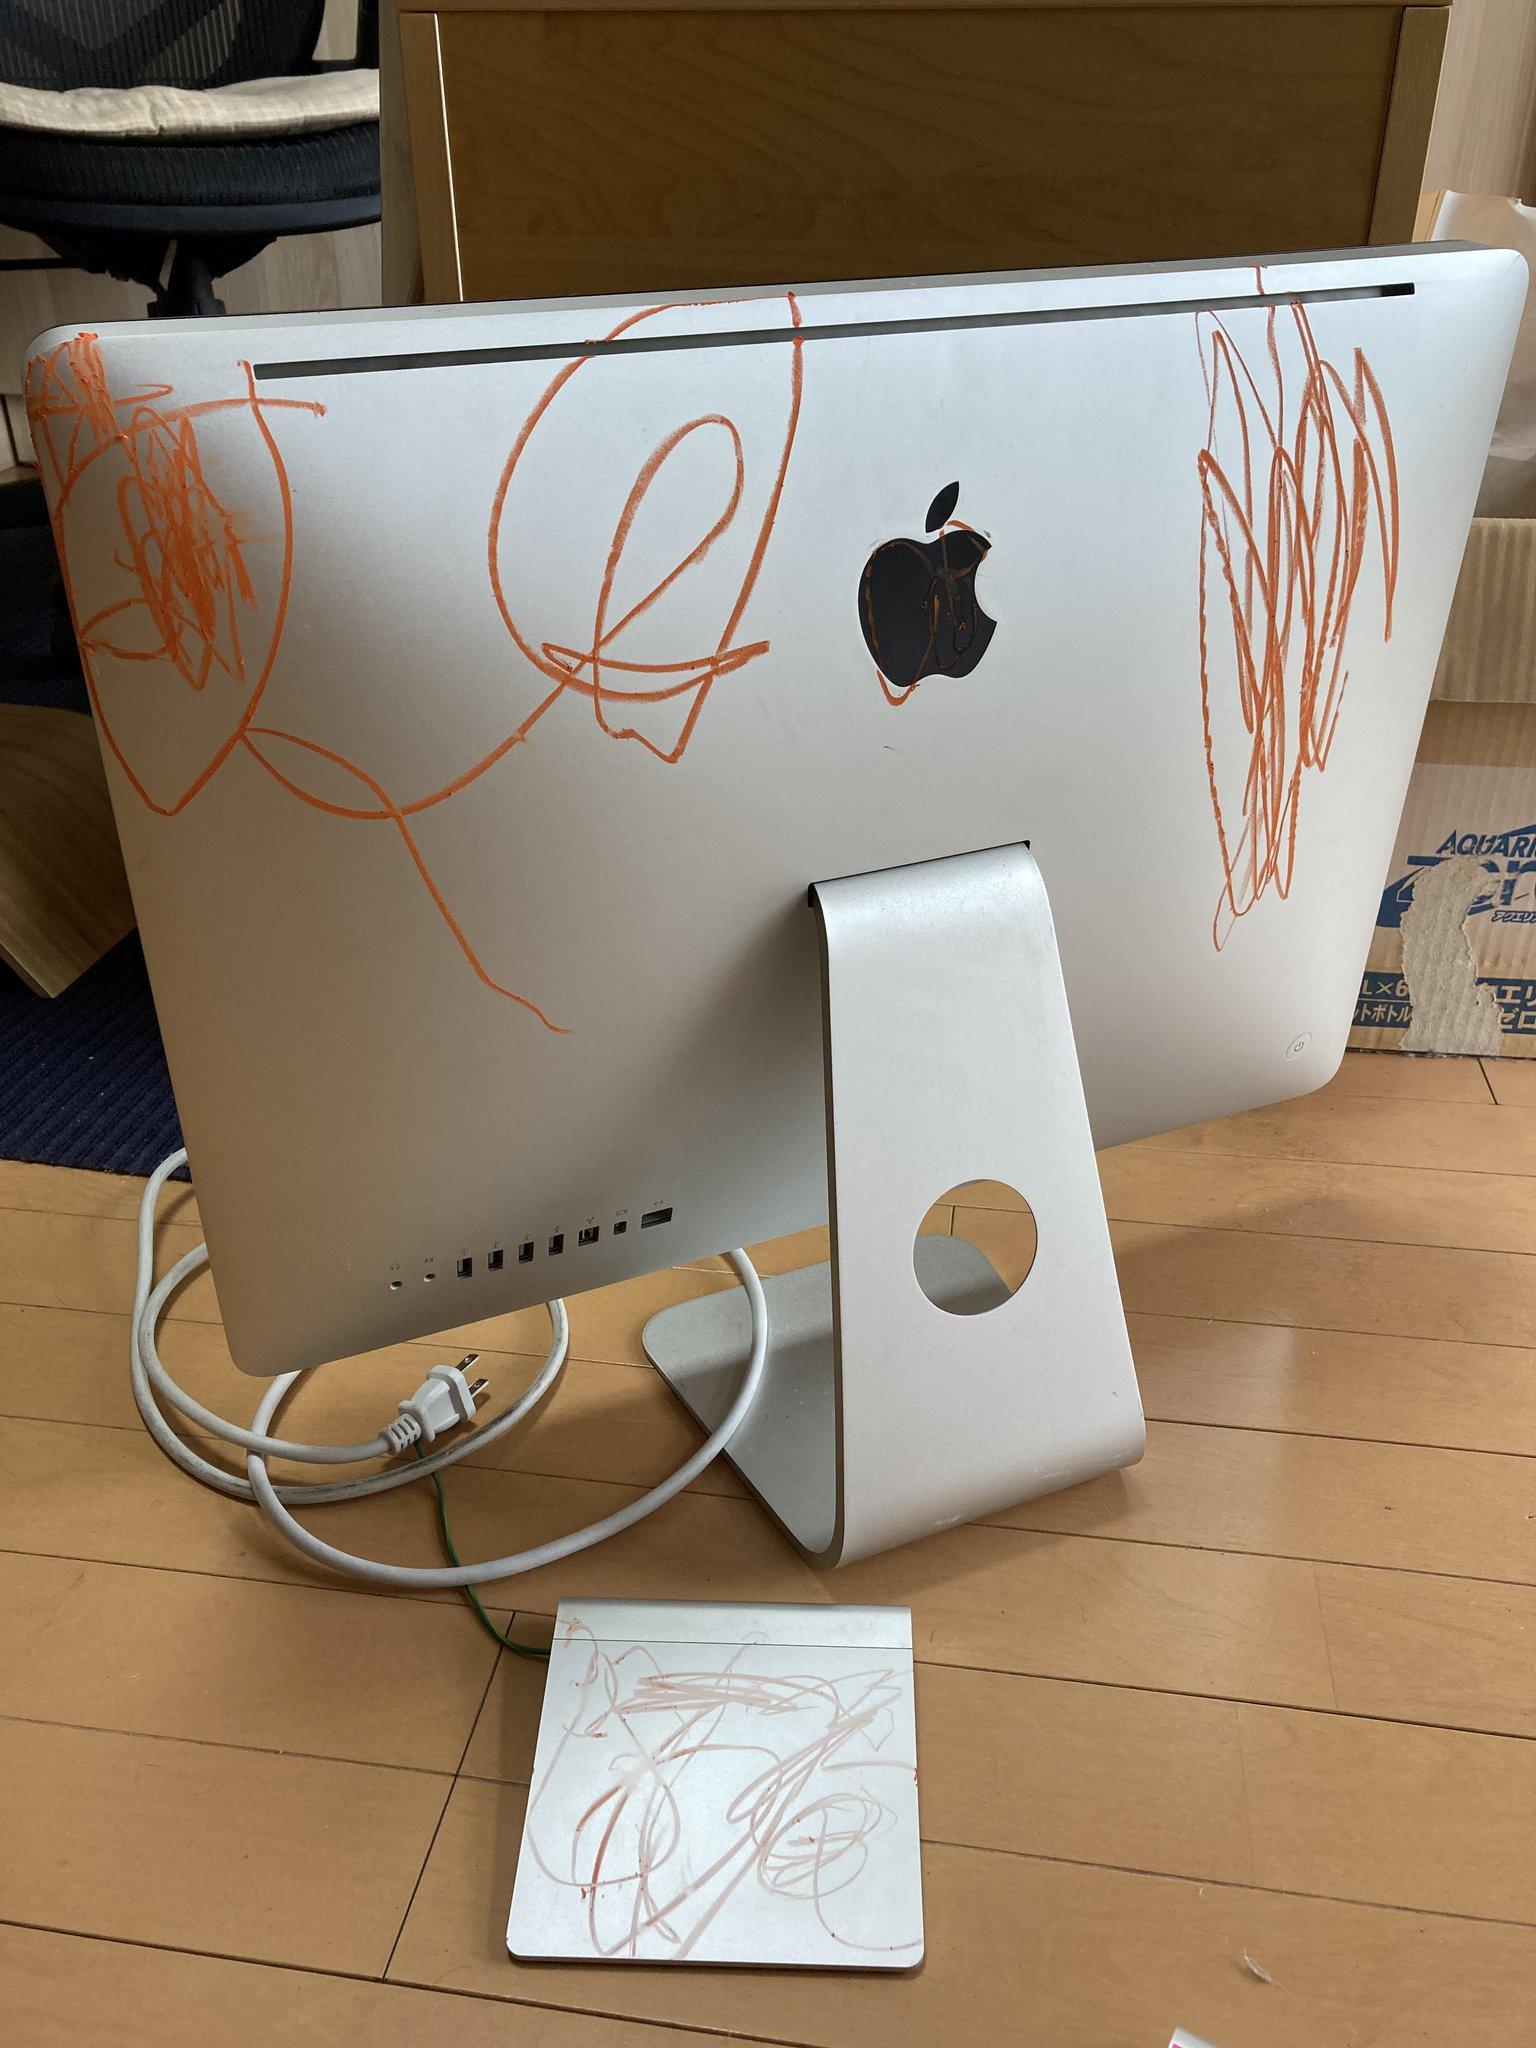 子どもによる予想外の出来事・・・。待ったなしwwwパソコンが・・・。